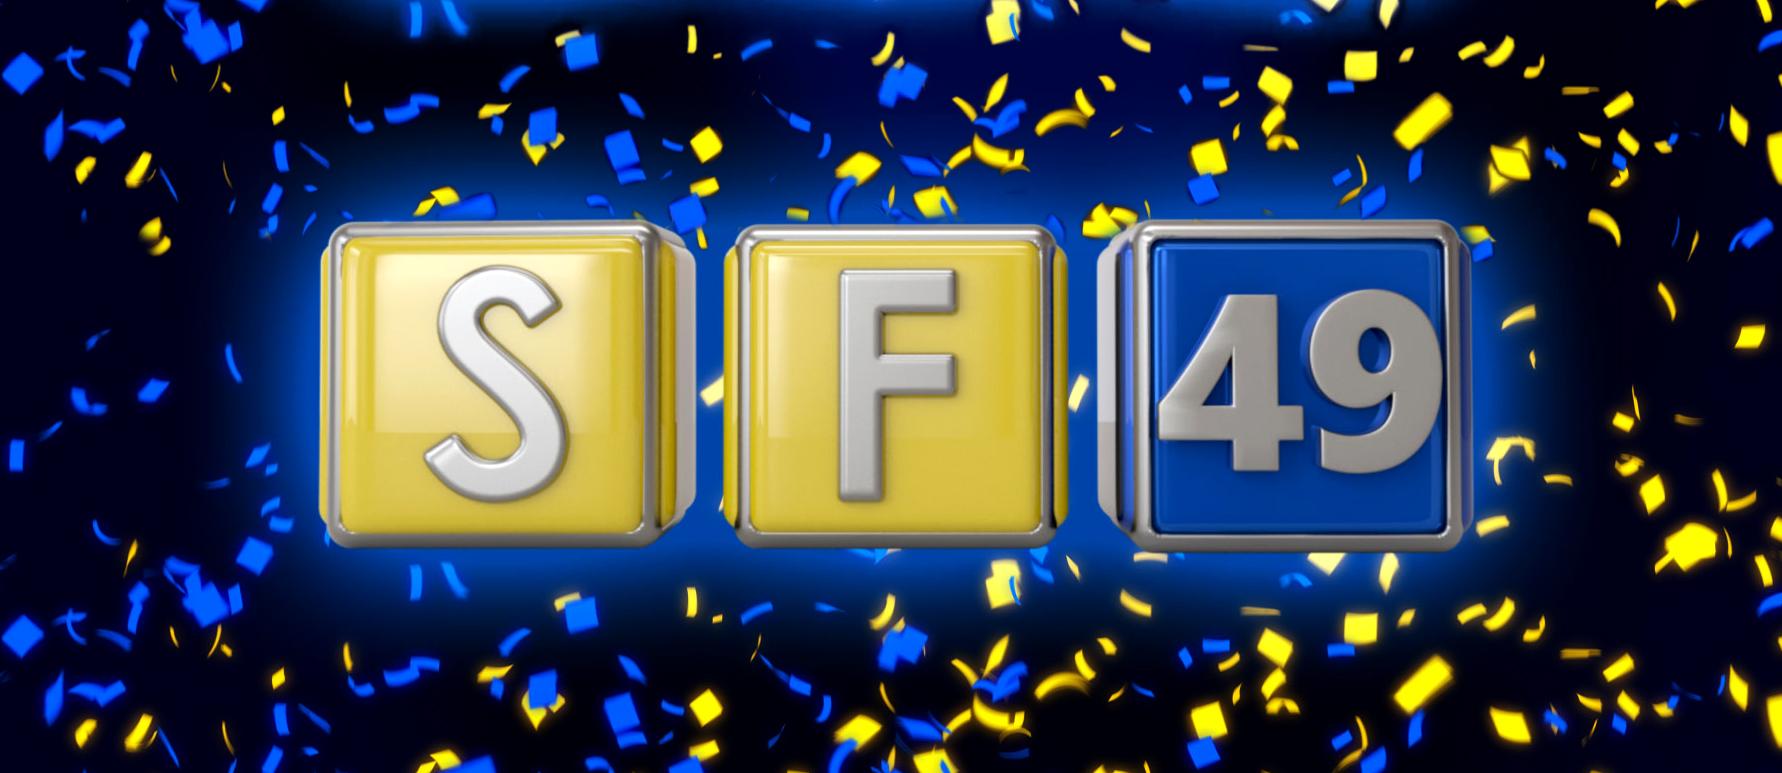 'Sábados felices' celebrará sus 49 años al aire por todo lo alto